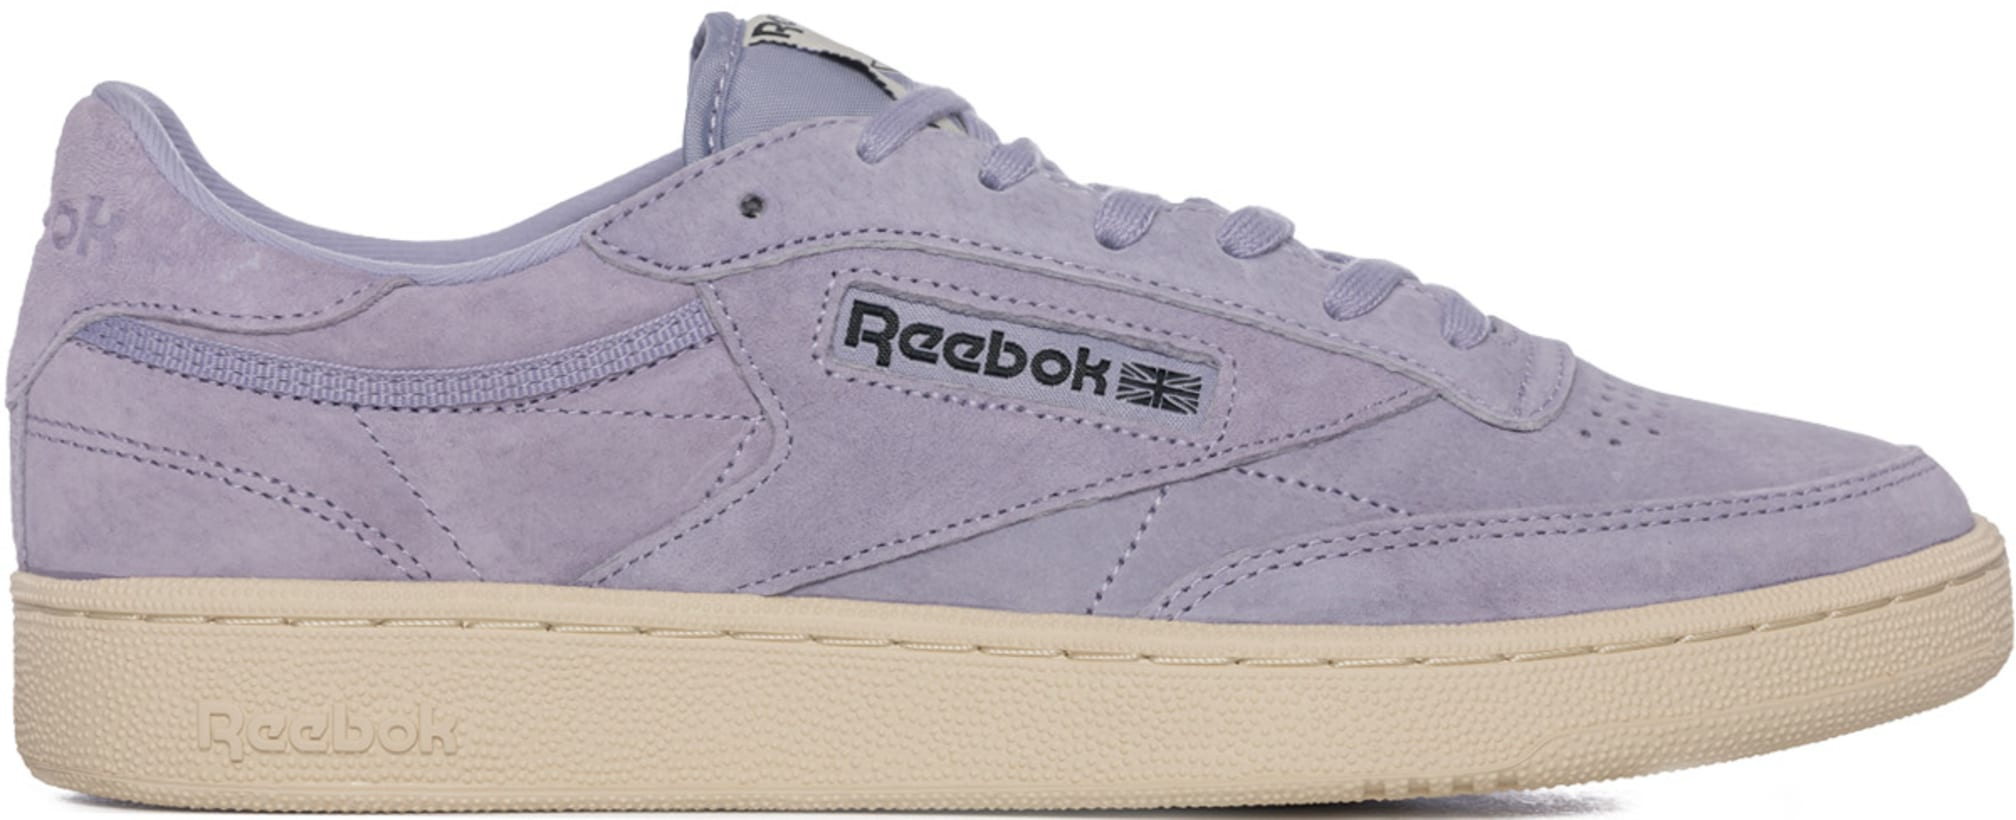 4b930e9d85d Reebok  Club C 85 Pastels - Moon Violet Off White